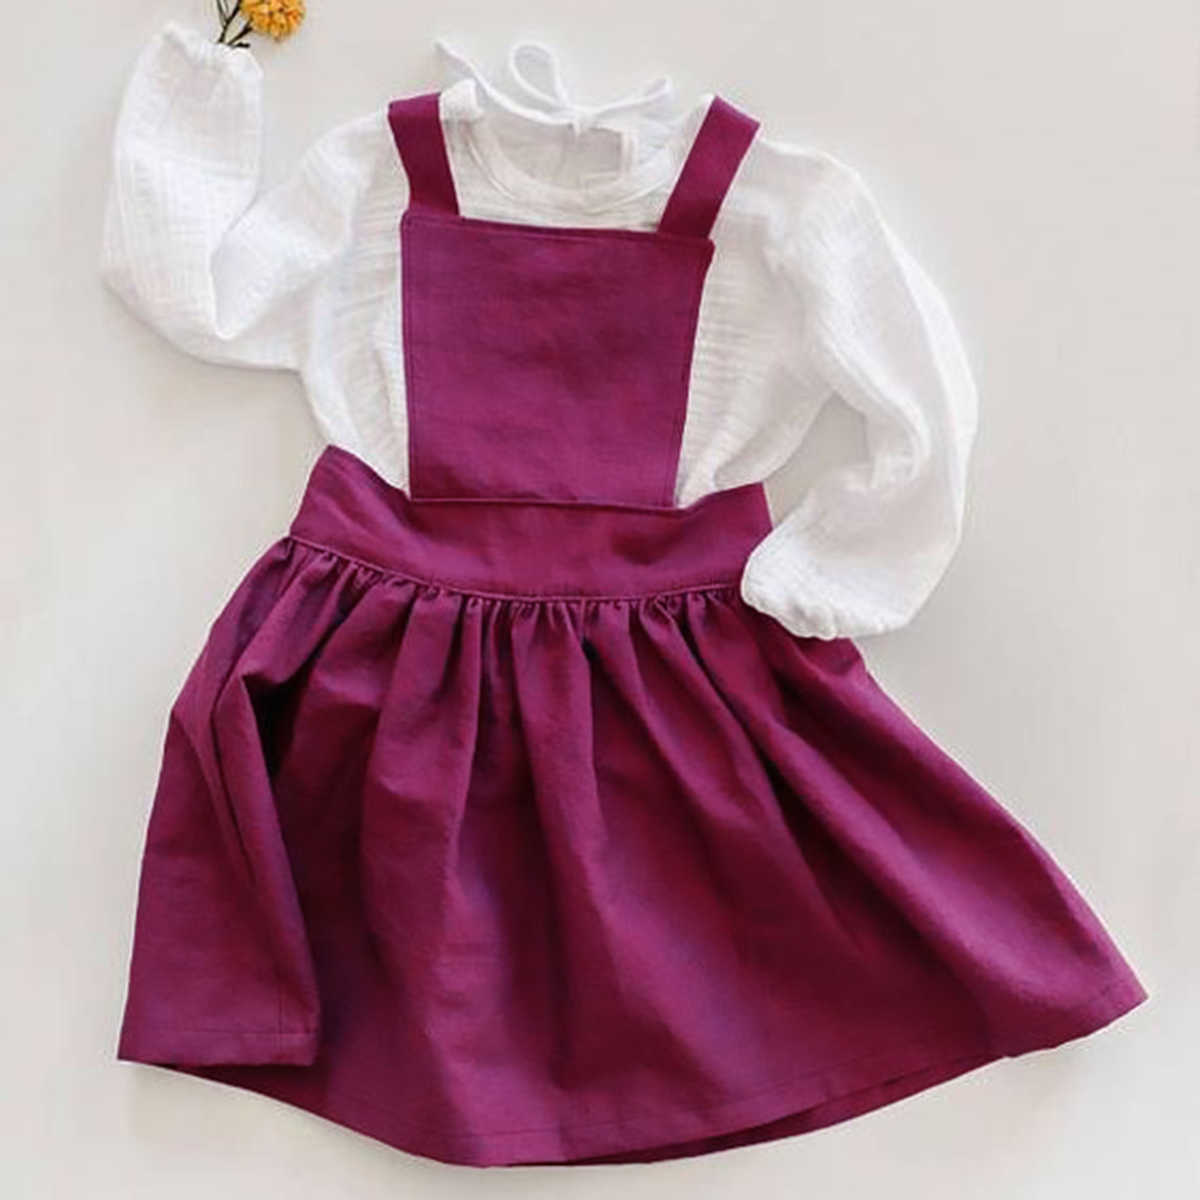 Комплект из 2 предметов, Милый хлопковый Белый боди с длинными рукавами для новорожденных девочек, топы, рубашка платье на подтяжках цвета фуксии, летняя одежда